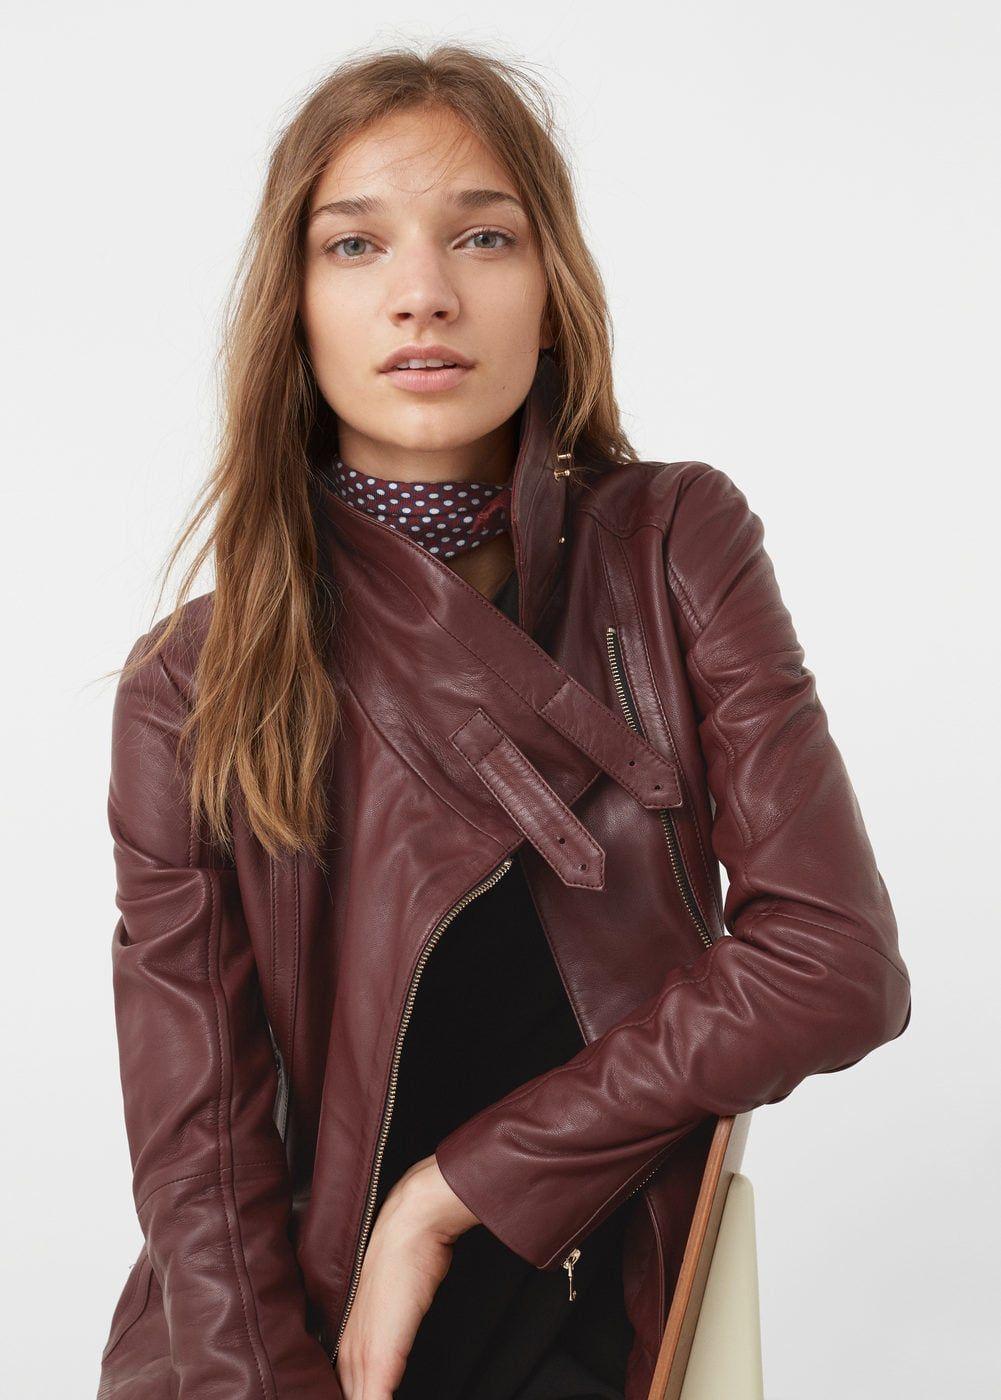 Кожаная байкерская куртка с молниями APT. 73075554 - SAMOA7